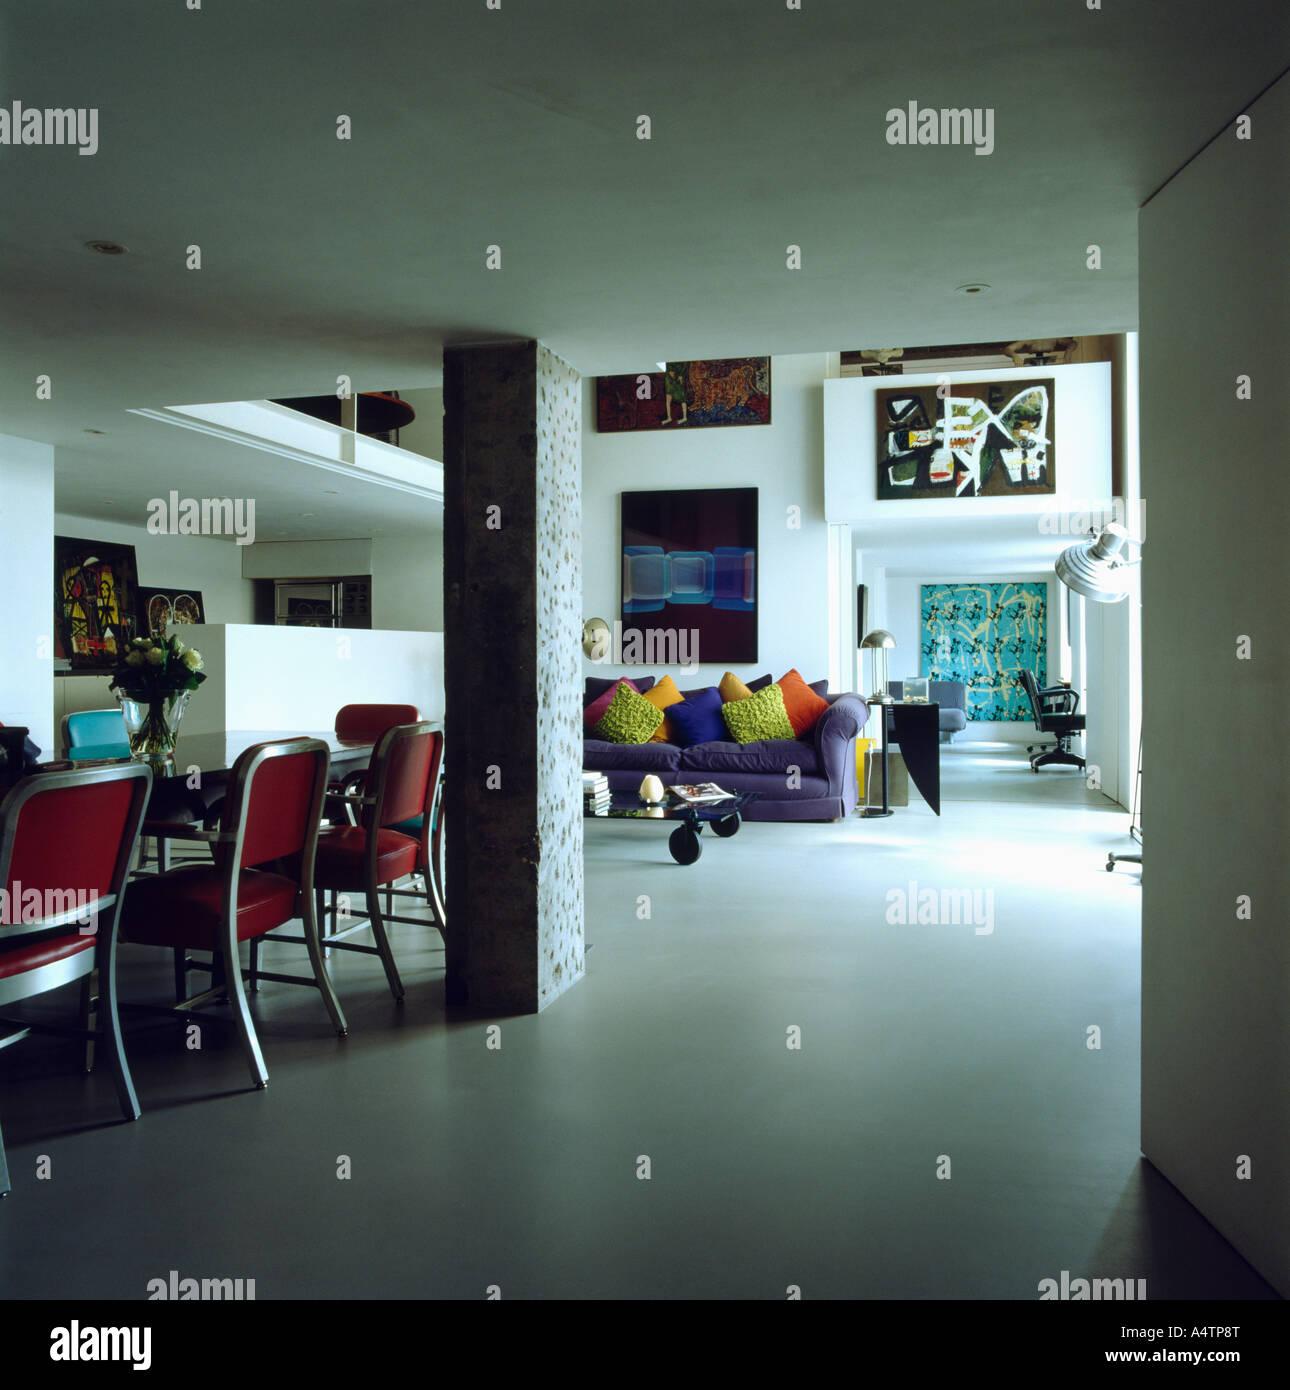 Offene Ess Und Wohnzimmer Mit Weissen Bodenbelag In Modernen Stadt